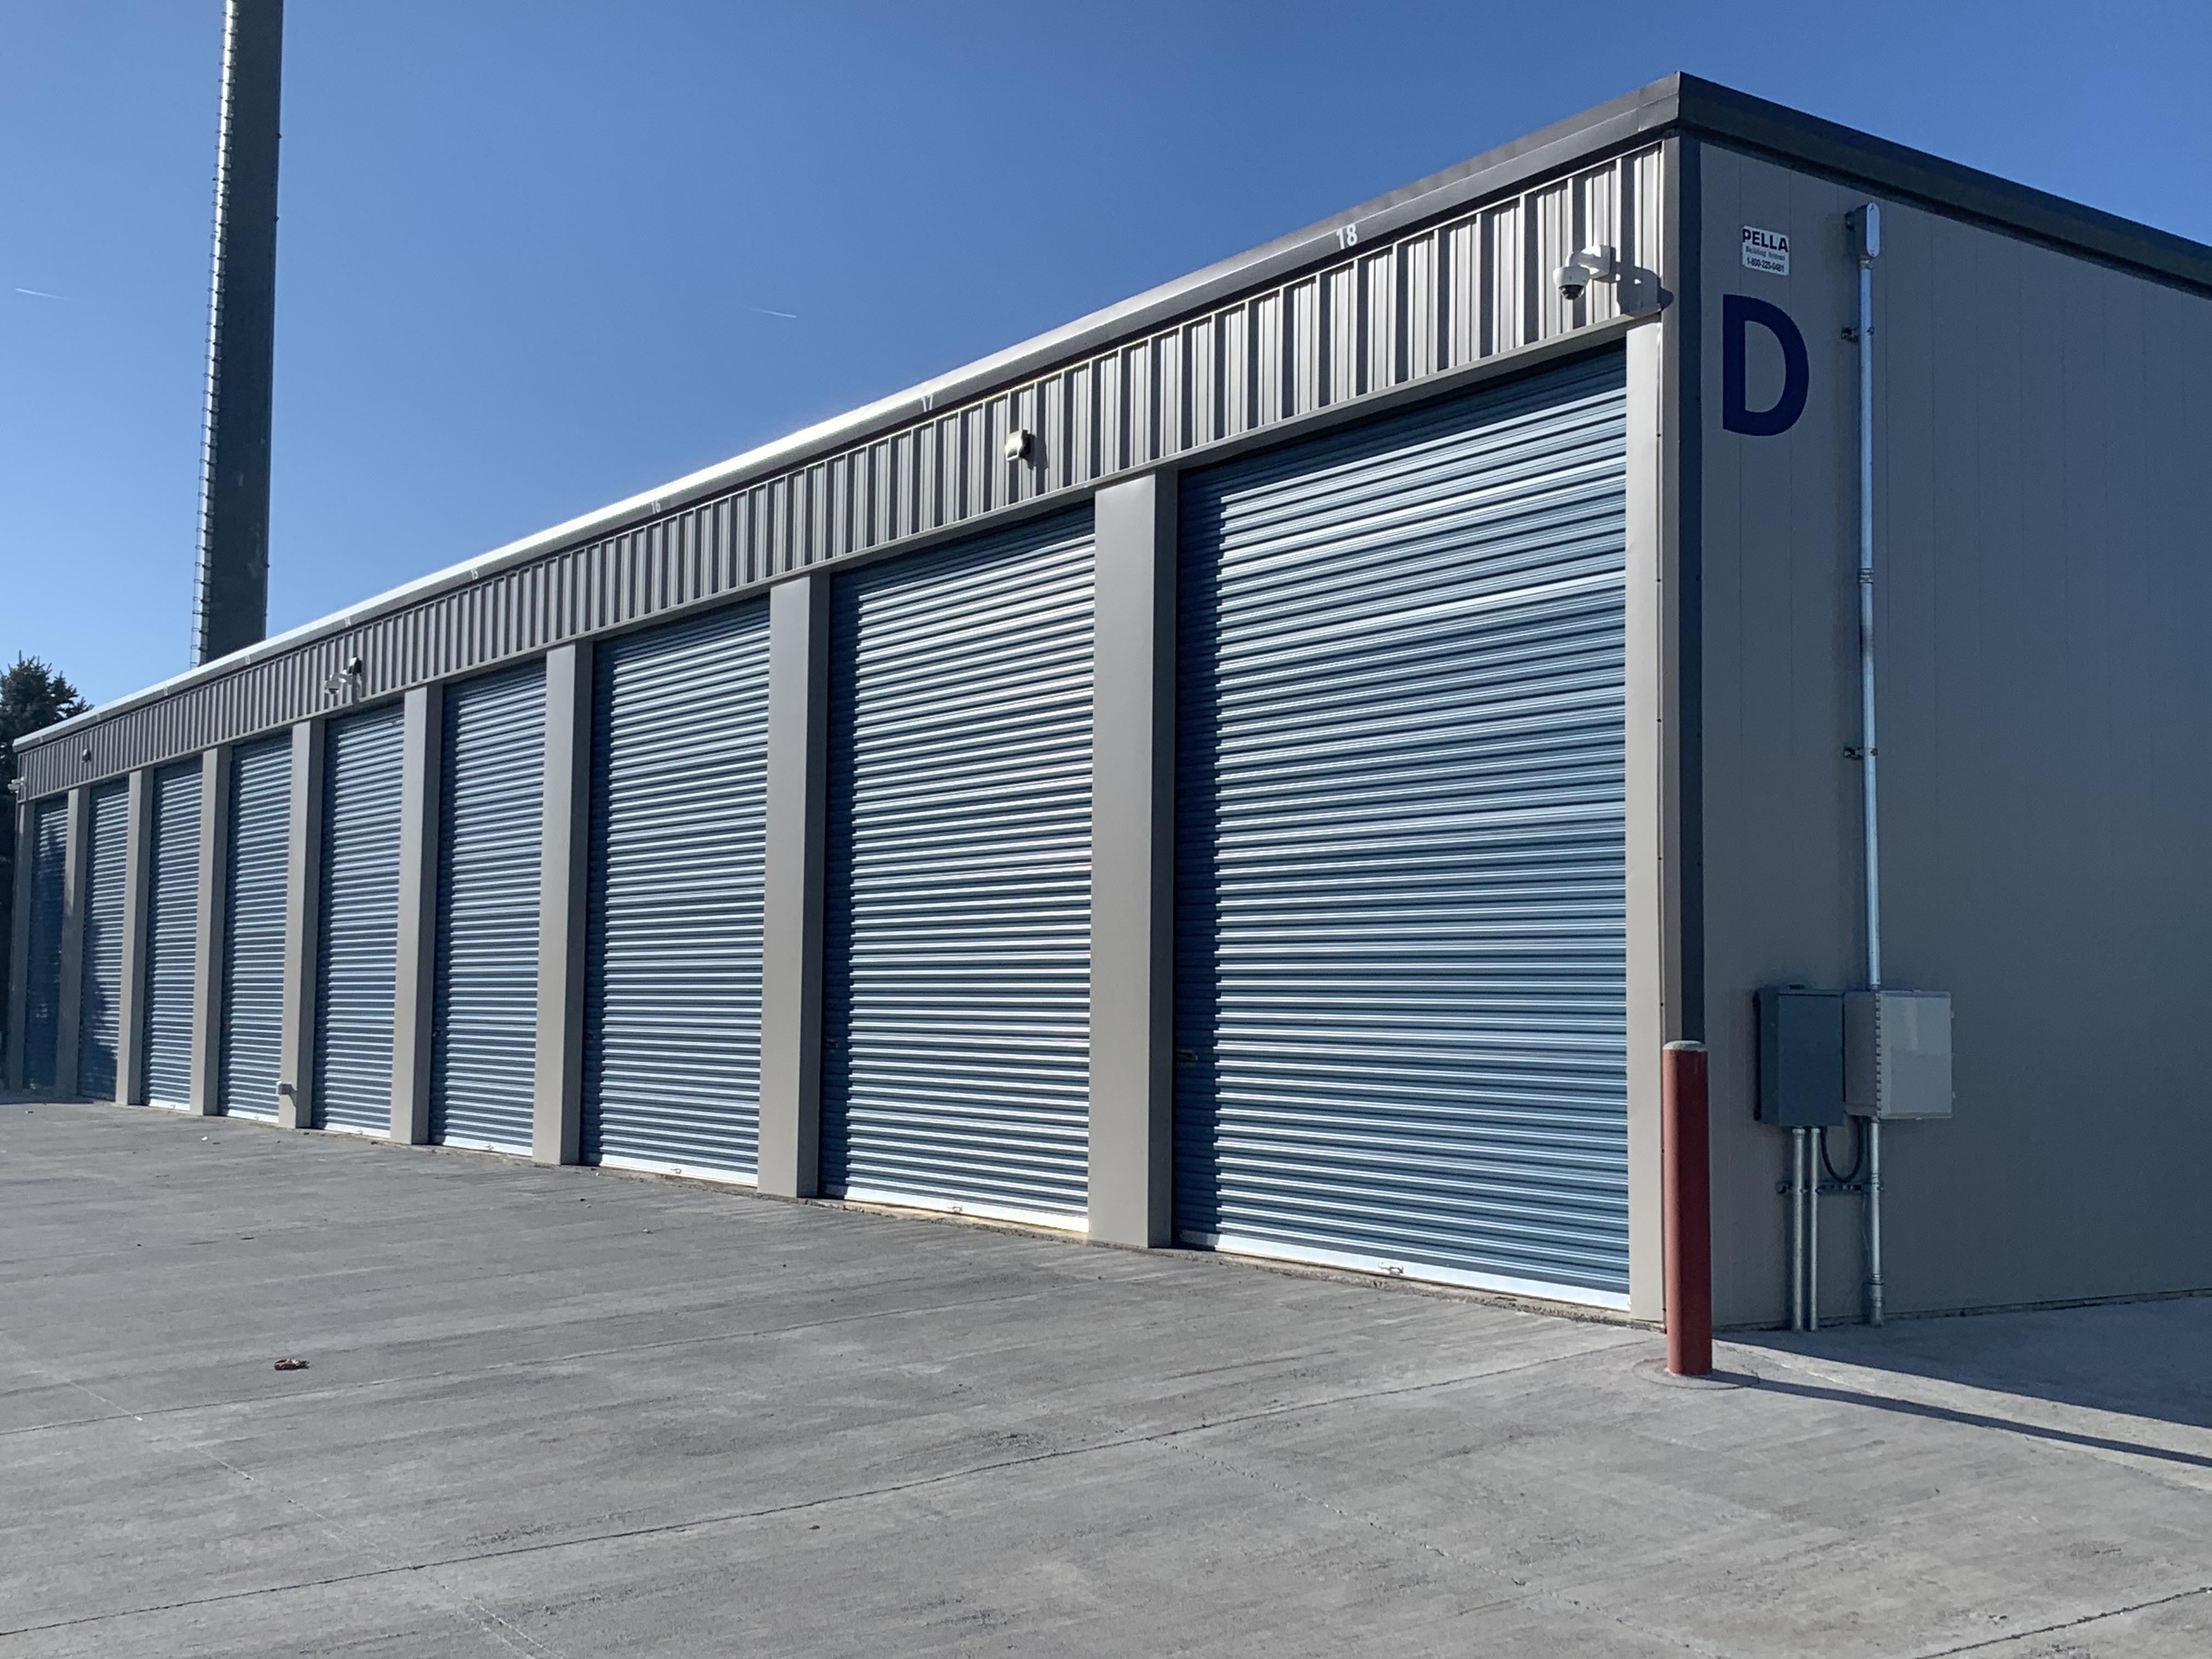 Building D Exterior